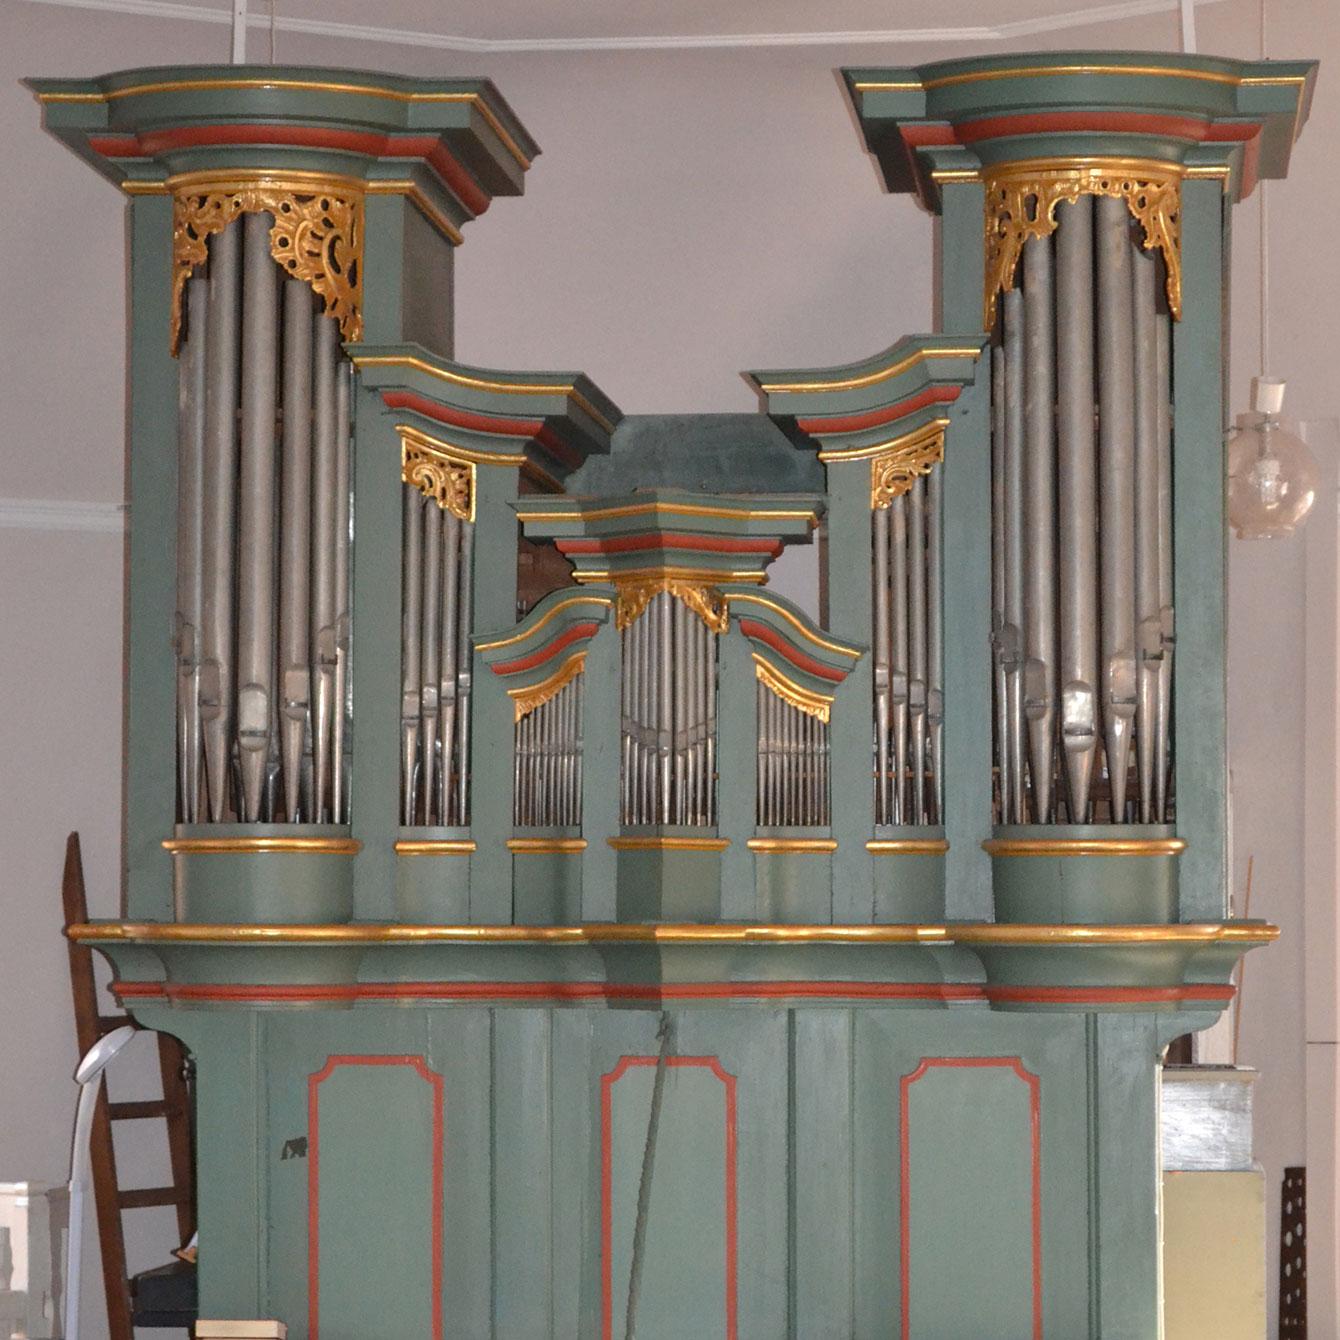 Die barocke Orgel von Karl Philip Wegmann in der evangelischen Kirche in Messel.